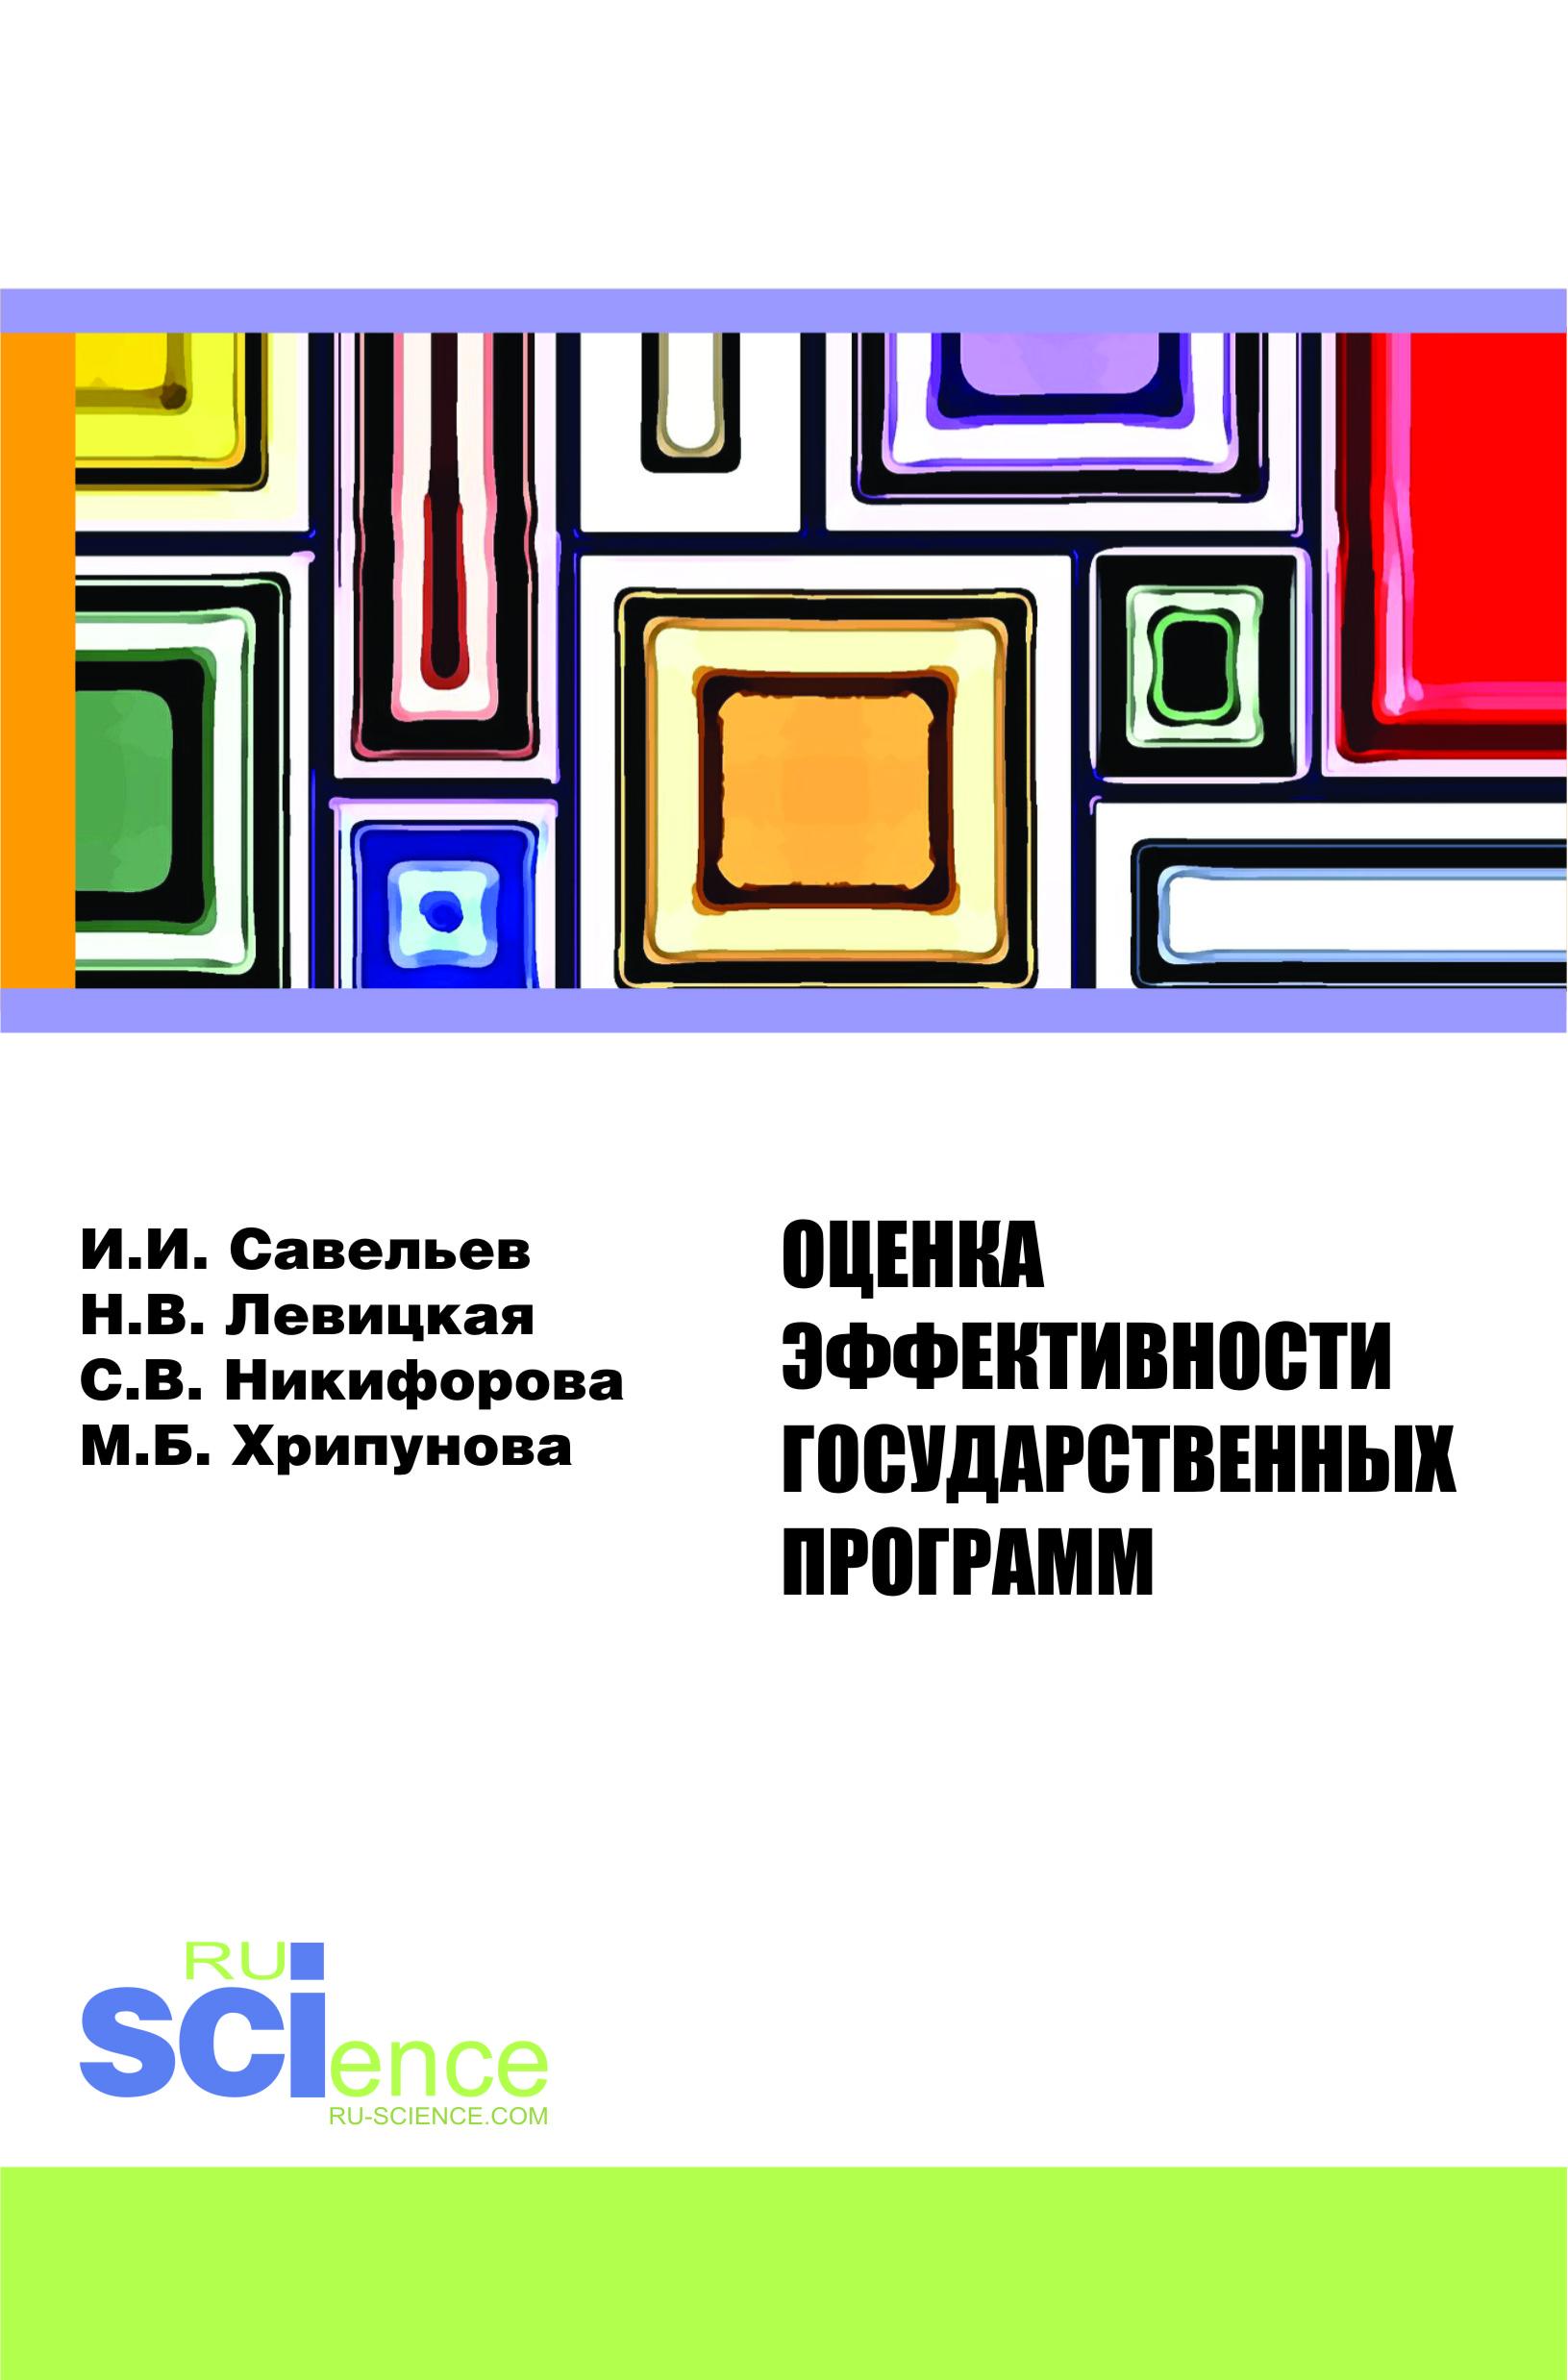 Оценка эффективности государственных программ. Монография